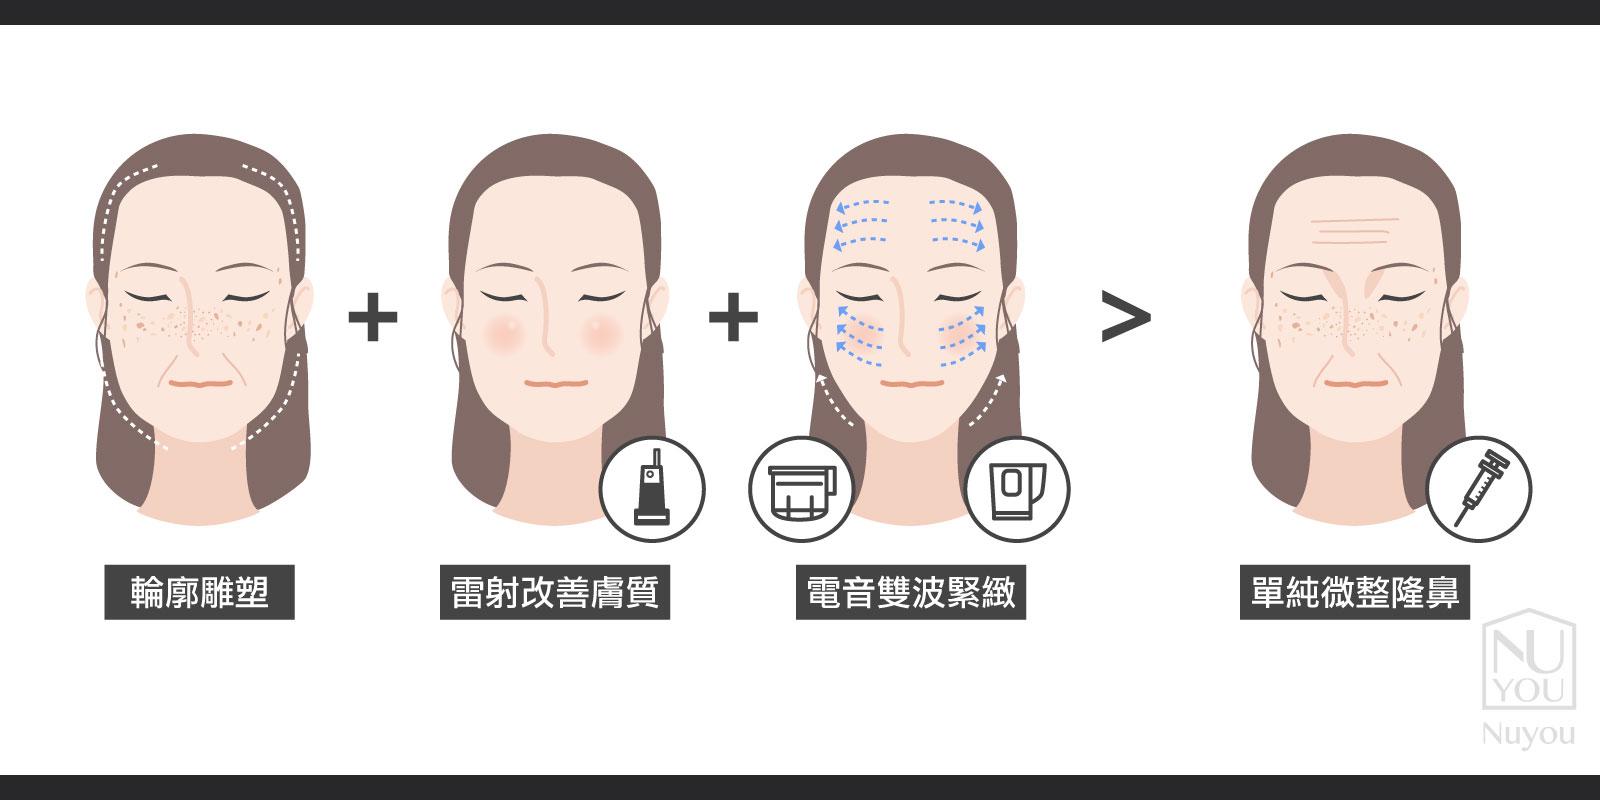 甯寓美學鳳凰電波電音雙波拉皮玻尿酸隆鼻風潮皮秒雷射